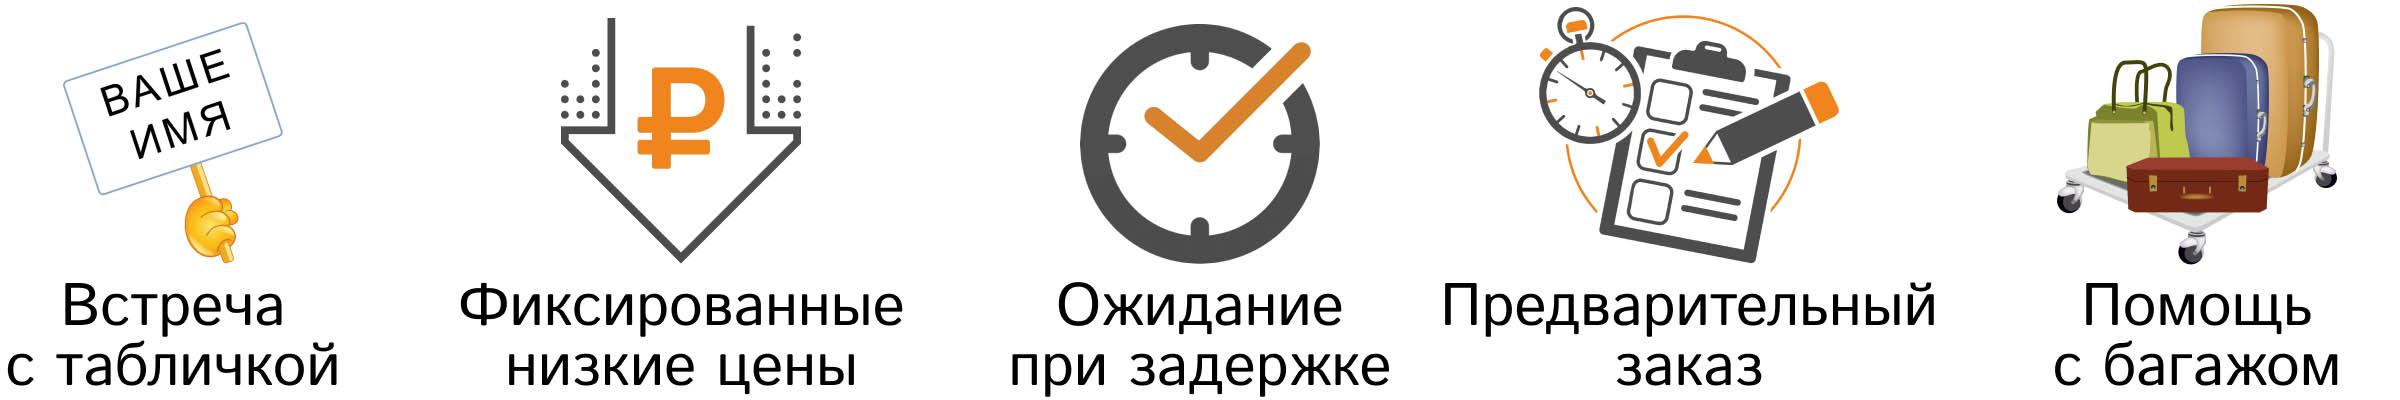 Такси из Краснодара в Марфовку